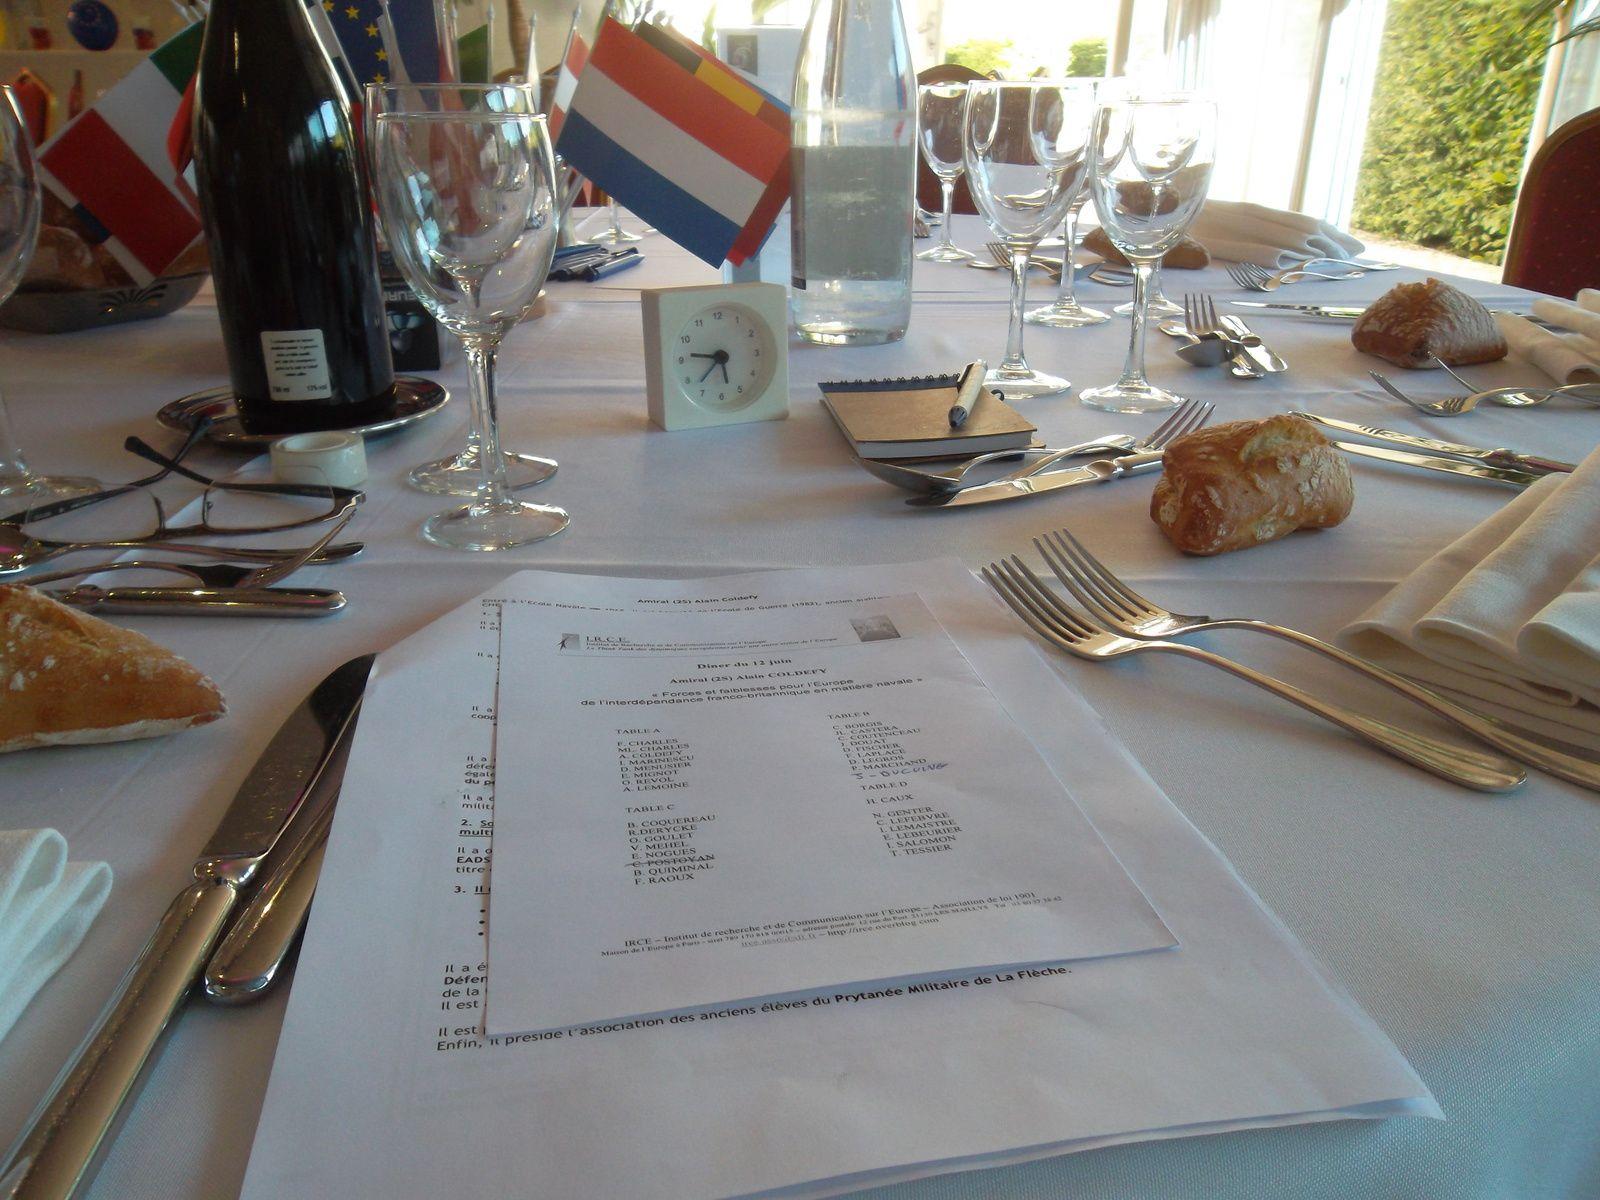 Grand succès pour notre dîner du 12 juin sur le thème : Défense et sécurité sur l'interdépendance franco-britannique en matière navale, avec ses forces et faiblesses pour l'Europe